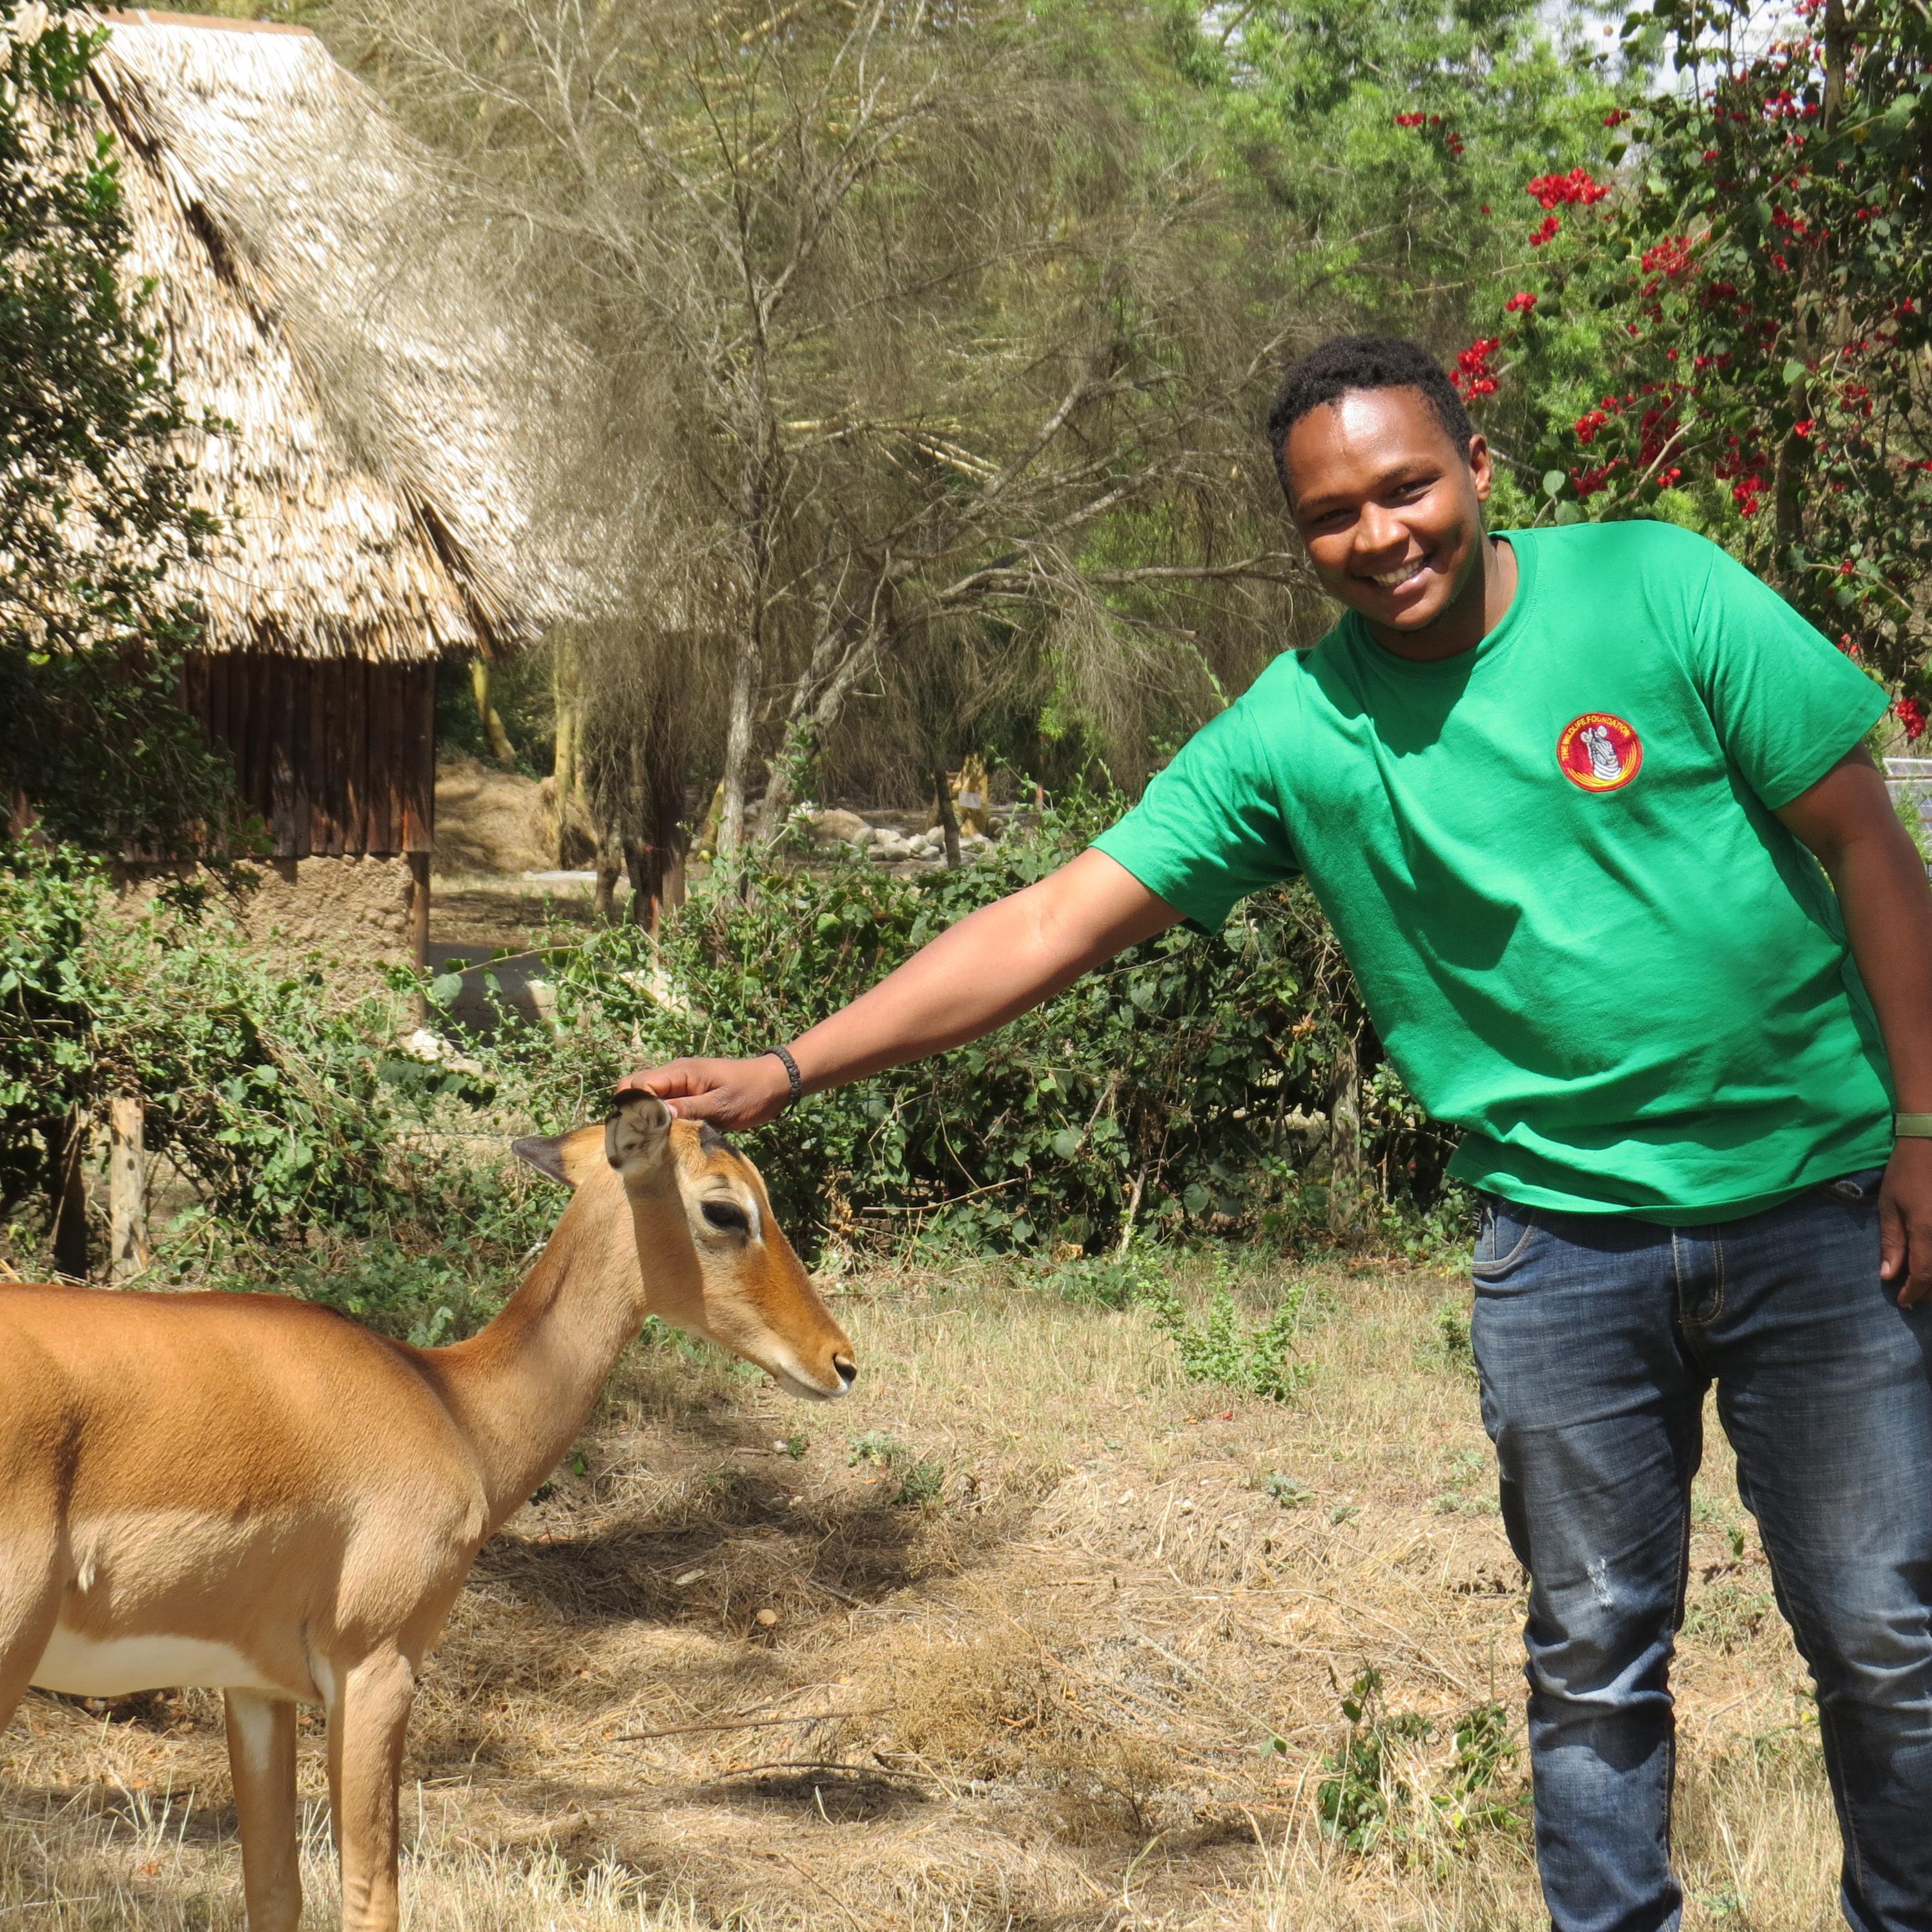 Jacob Tunoi of The Wildlife Foundation at Naretunoi Conservancy, Kitengela with Impi the Impala Copyright Rupi Mangat